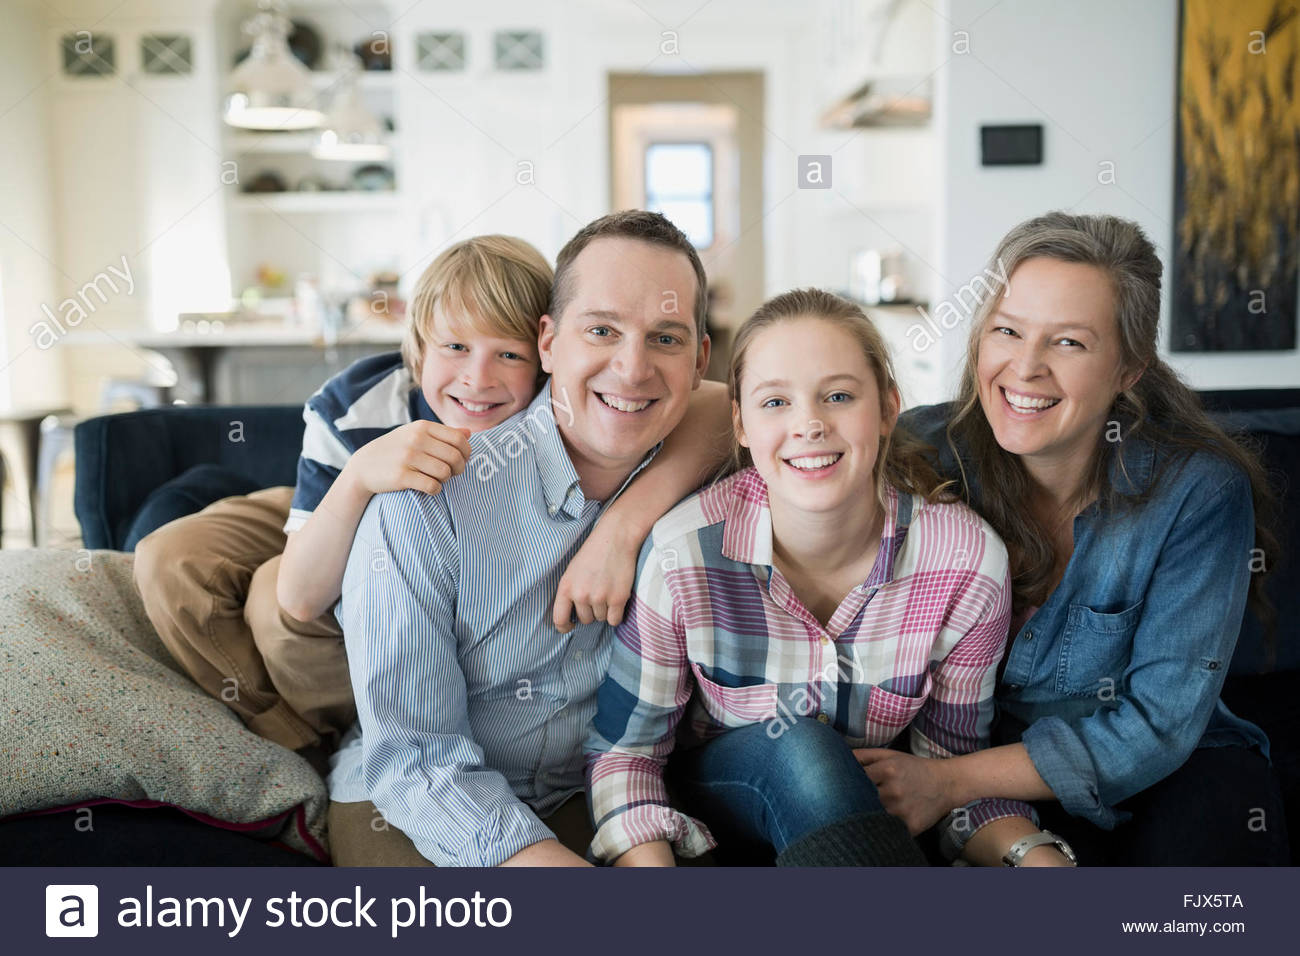 Ritratto di famiglia sorridente sul divano Immagini Stock